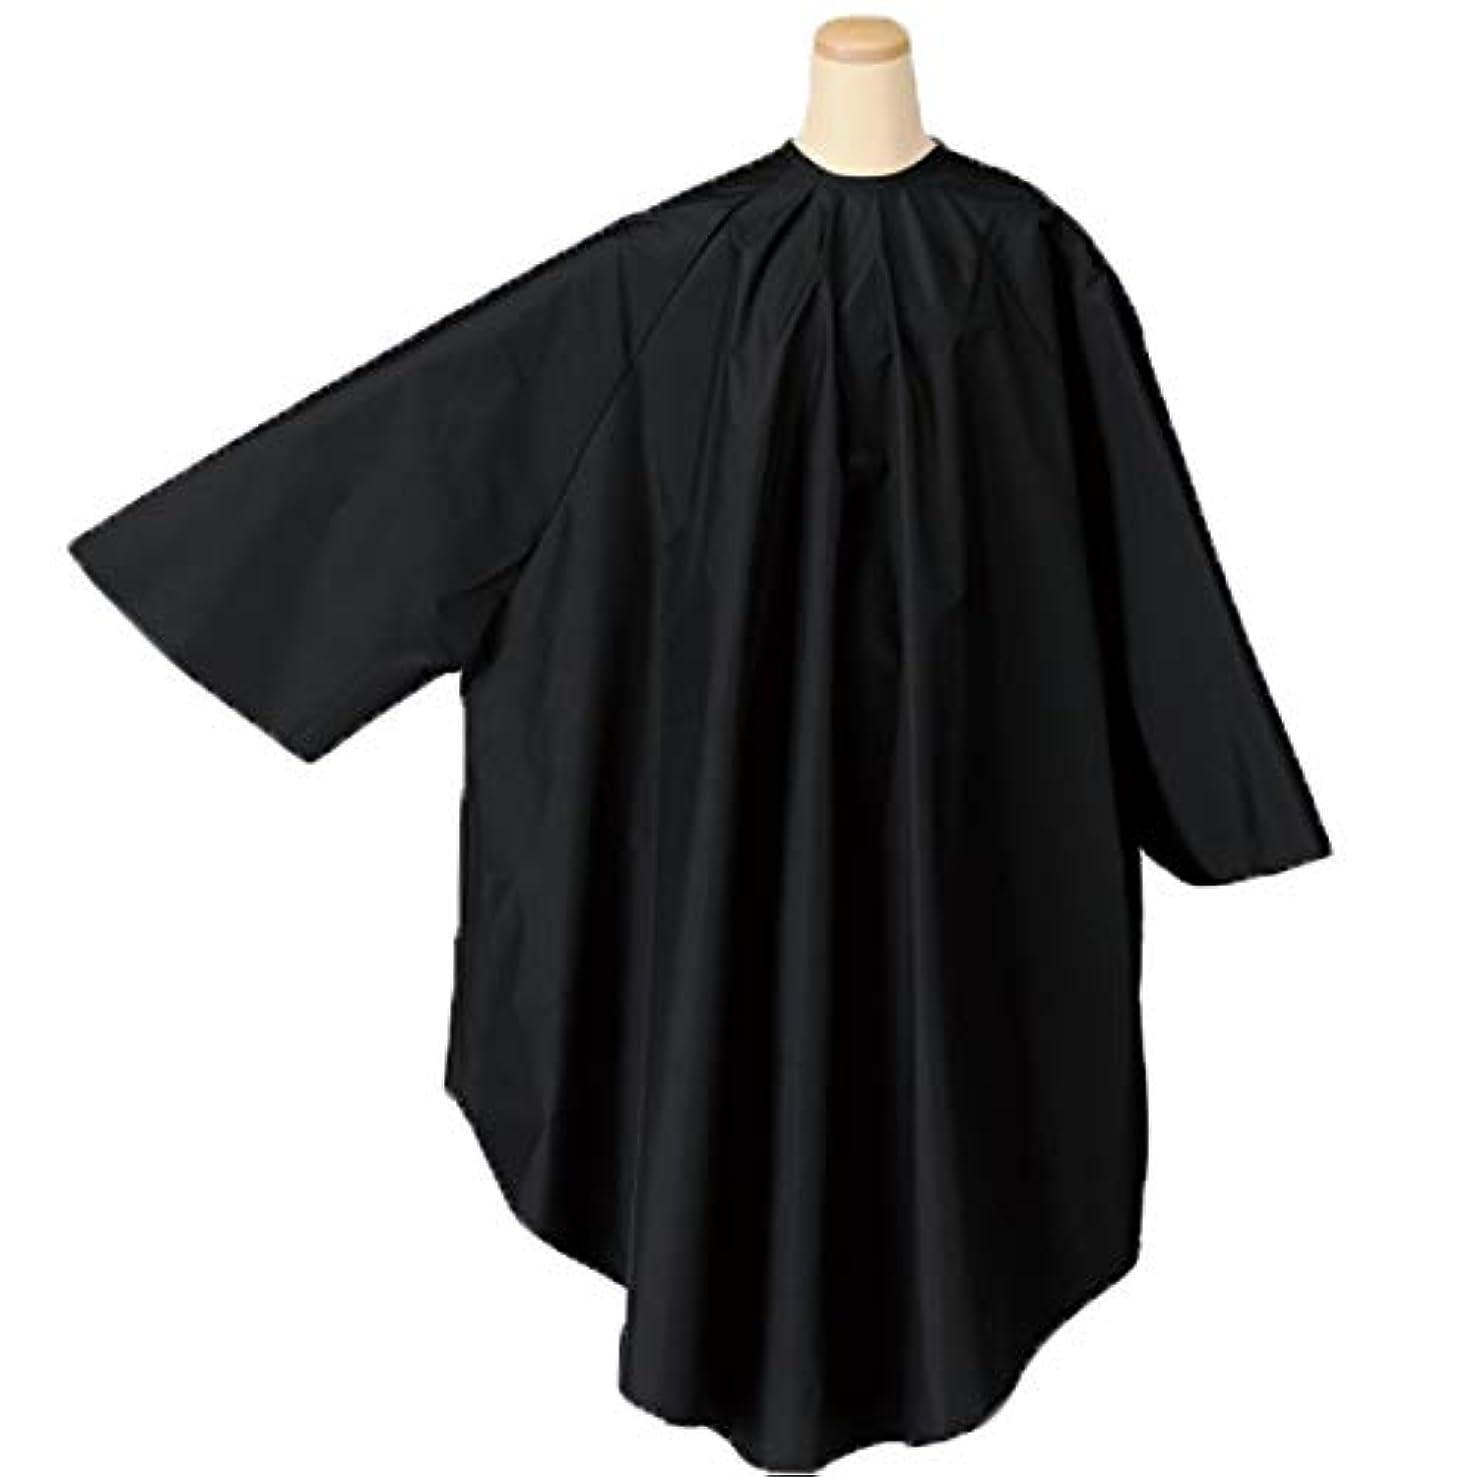 スプーン冷ややかなアレキサンダーグラハムベルエルコ 9722 BIG 袖付 ヘアダイクロス (ヘアカラー&パーマクロス) ナイロン100% 防水加工 ELCO 毛染め/カラーリング (ブラック/首回り52cm)